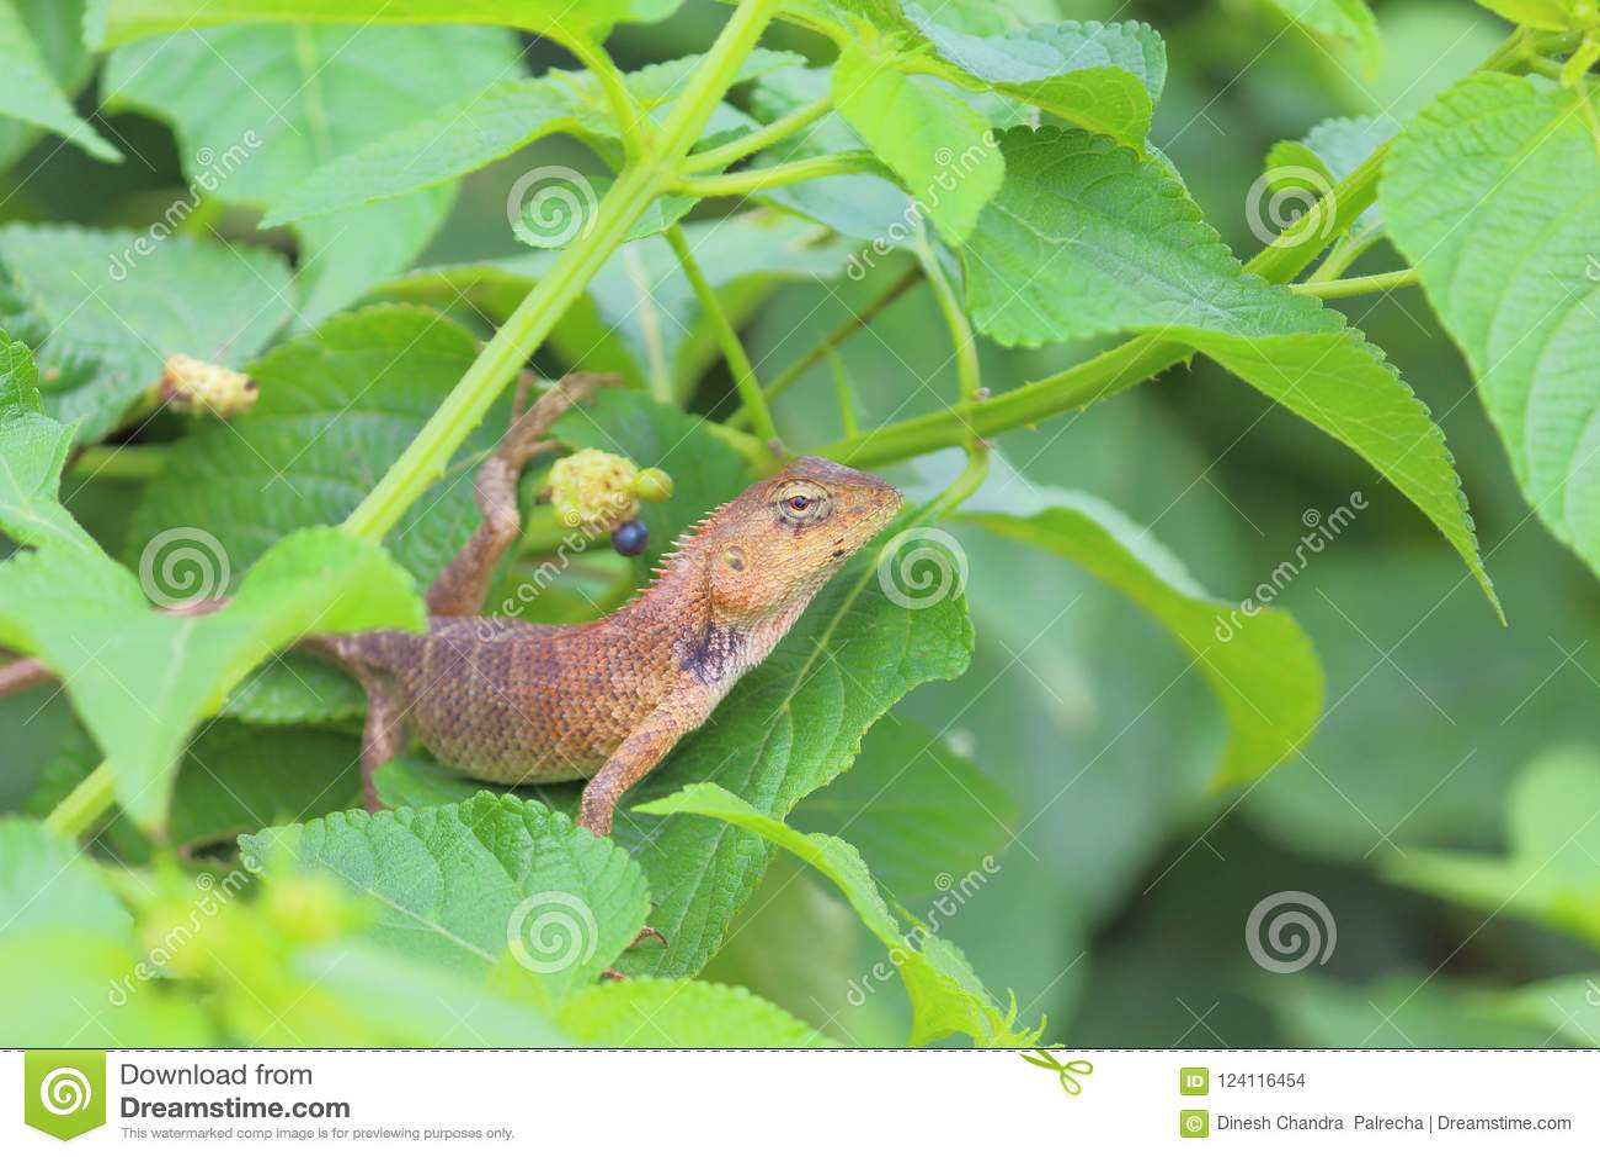 Chameleon Animal Stock Photo Image Of Rainy Bushes 124116454